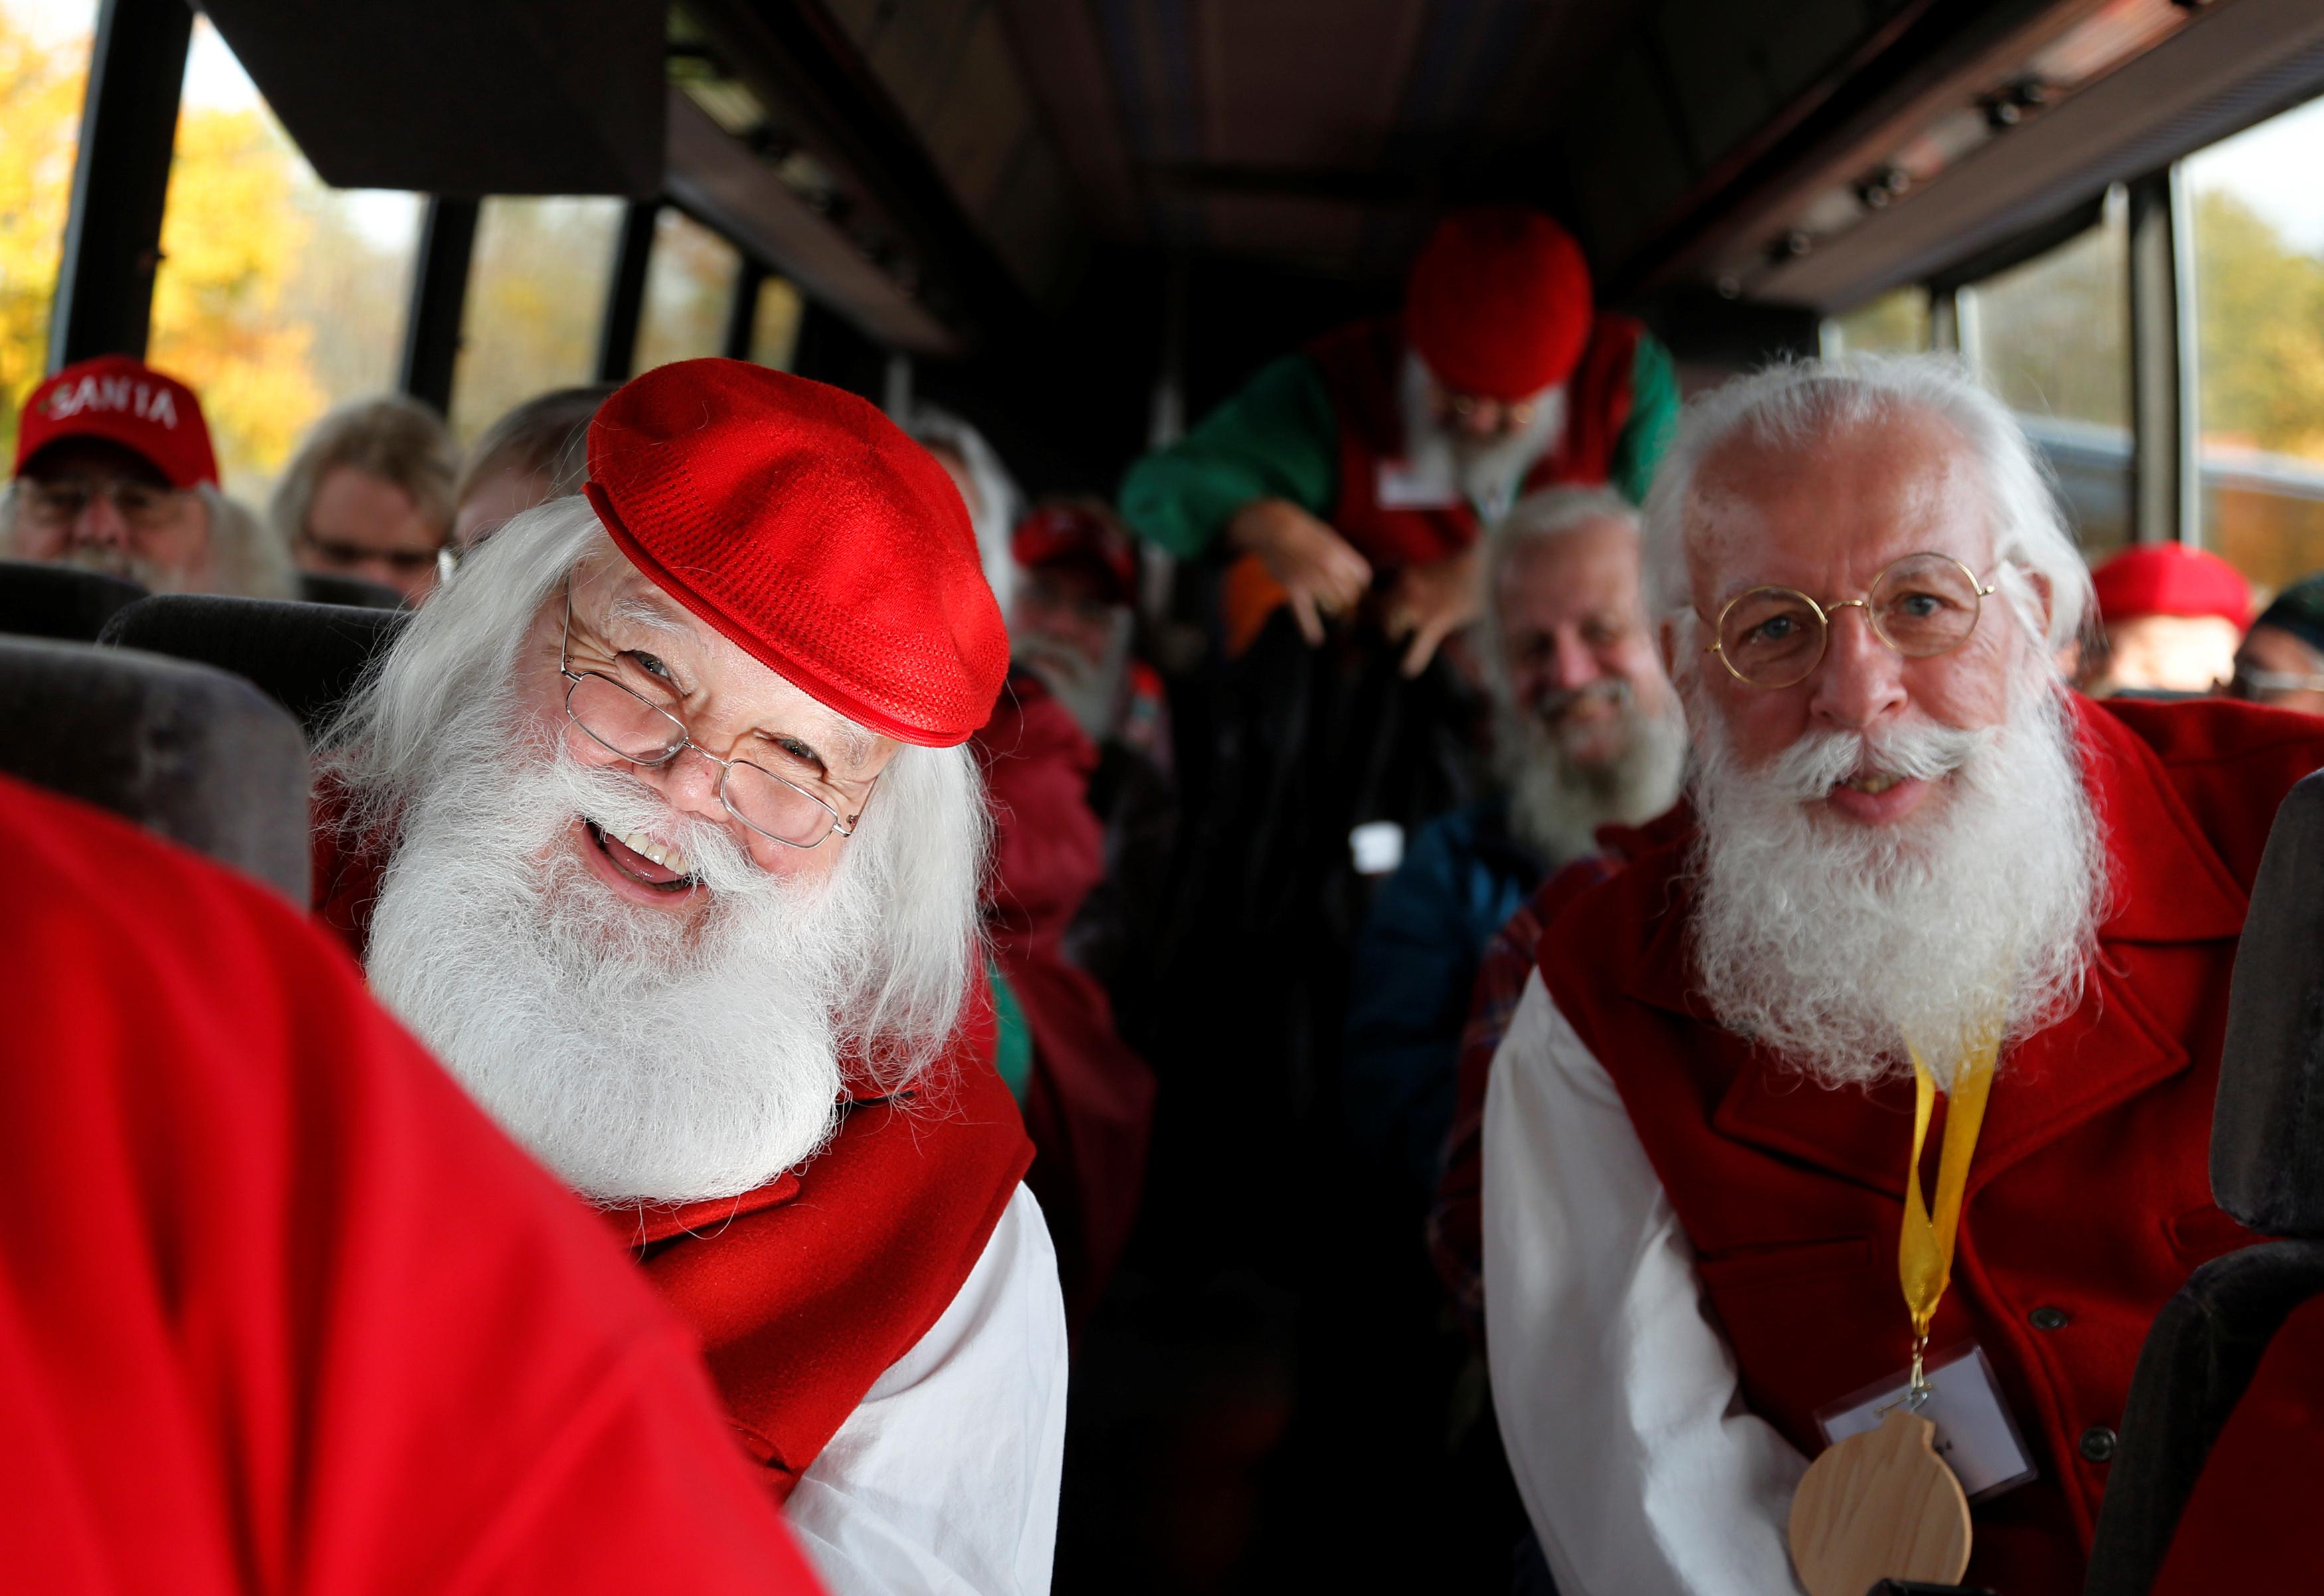 Santas board a bus for a field trip